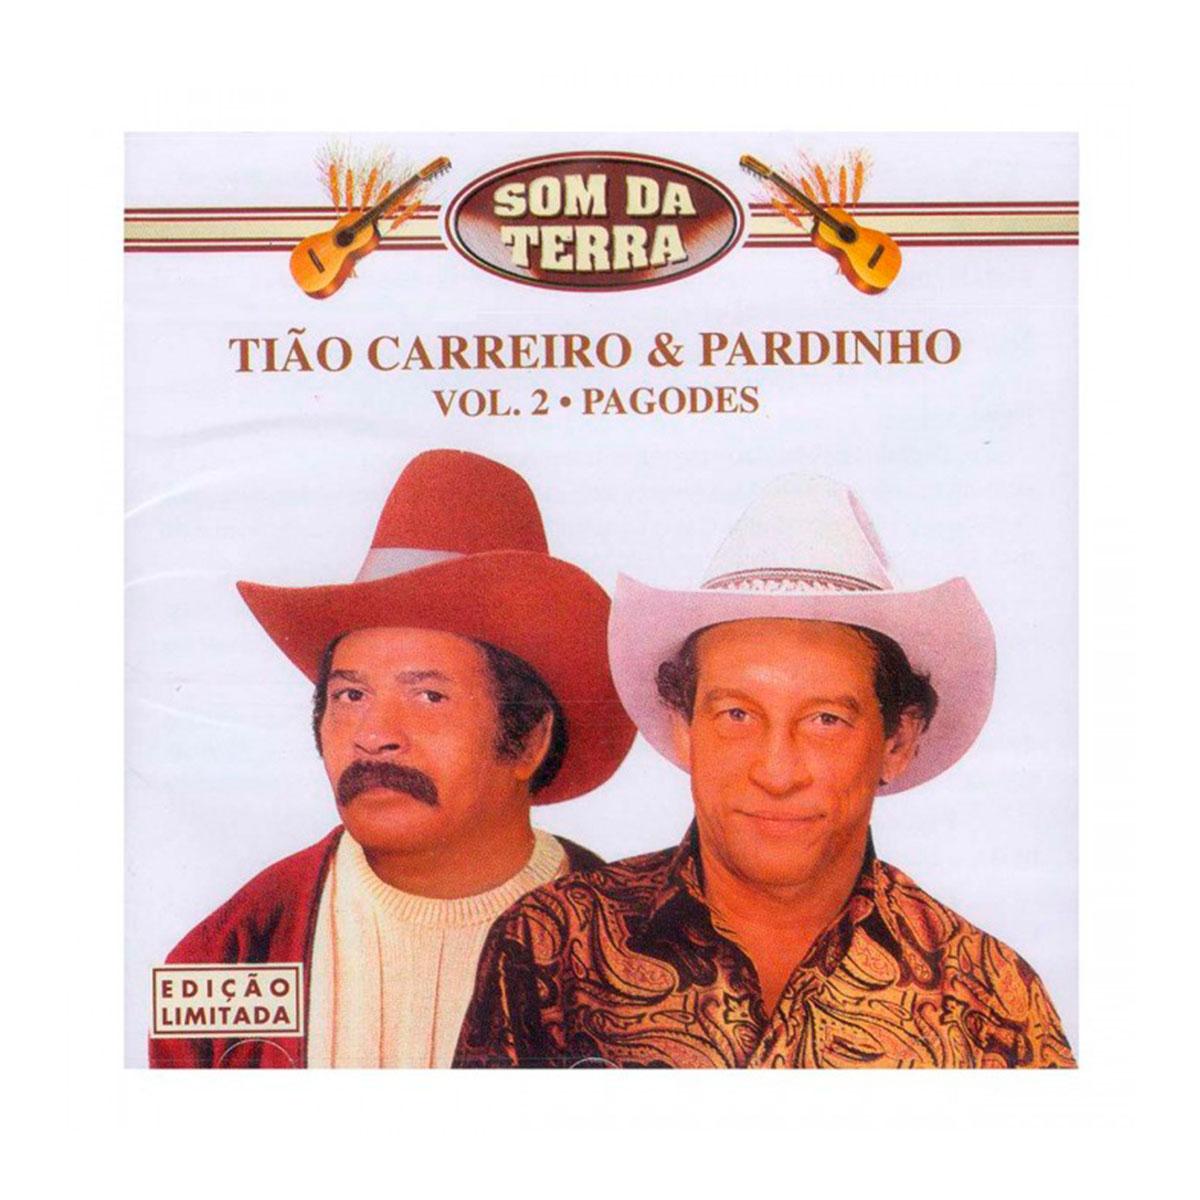 CD Ti�o Carreiro & Pardinho Som da Terra Pagodes Vol. 2 Edi��o Limitada